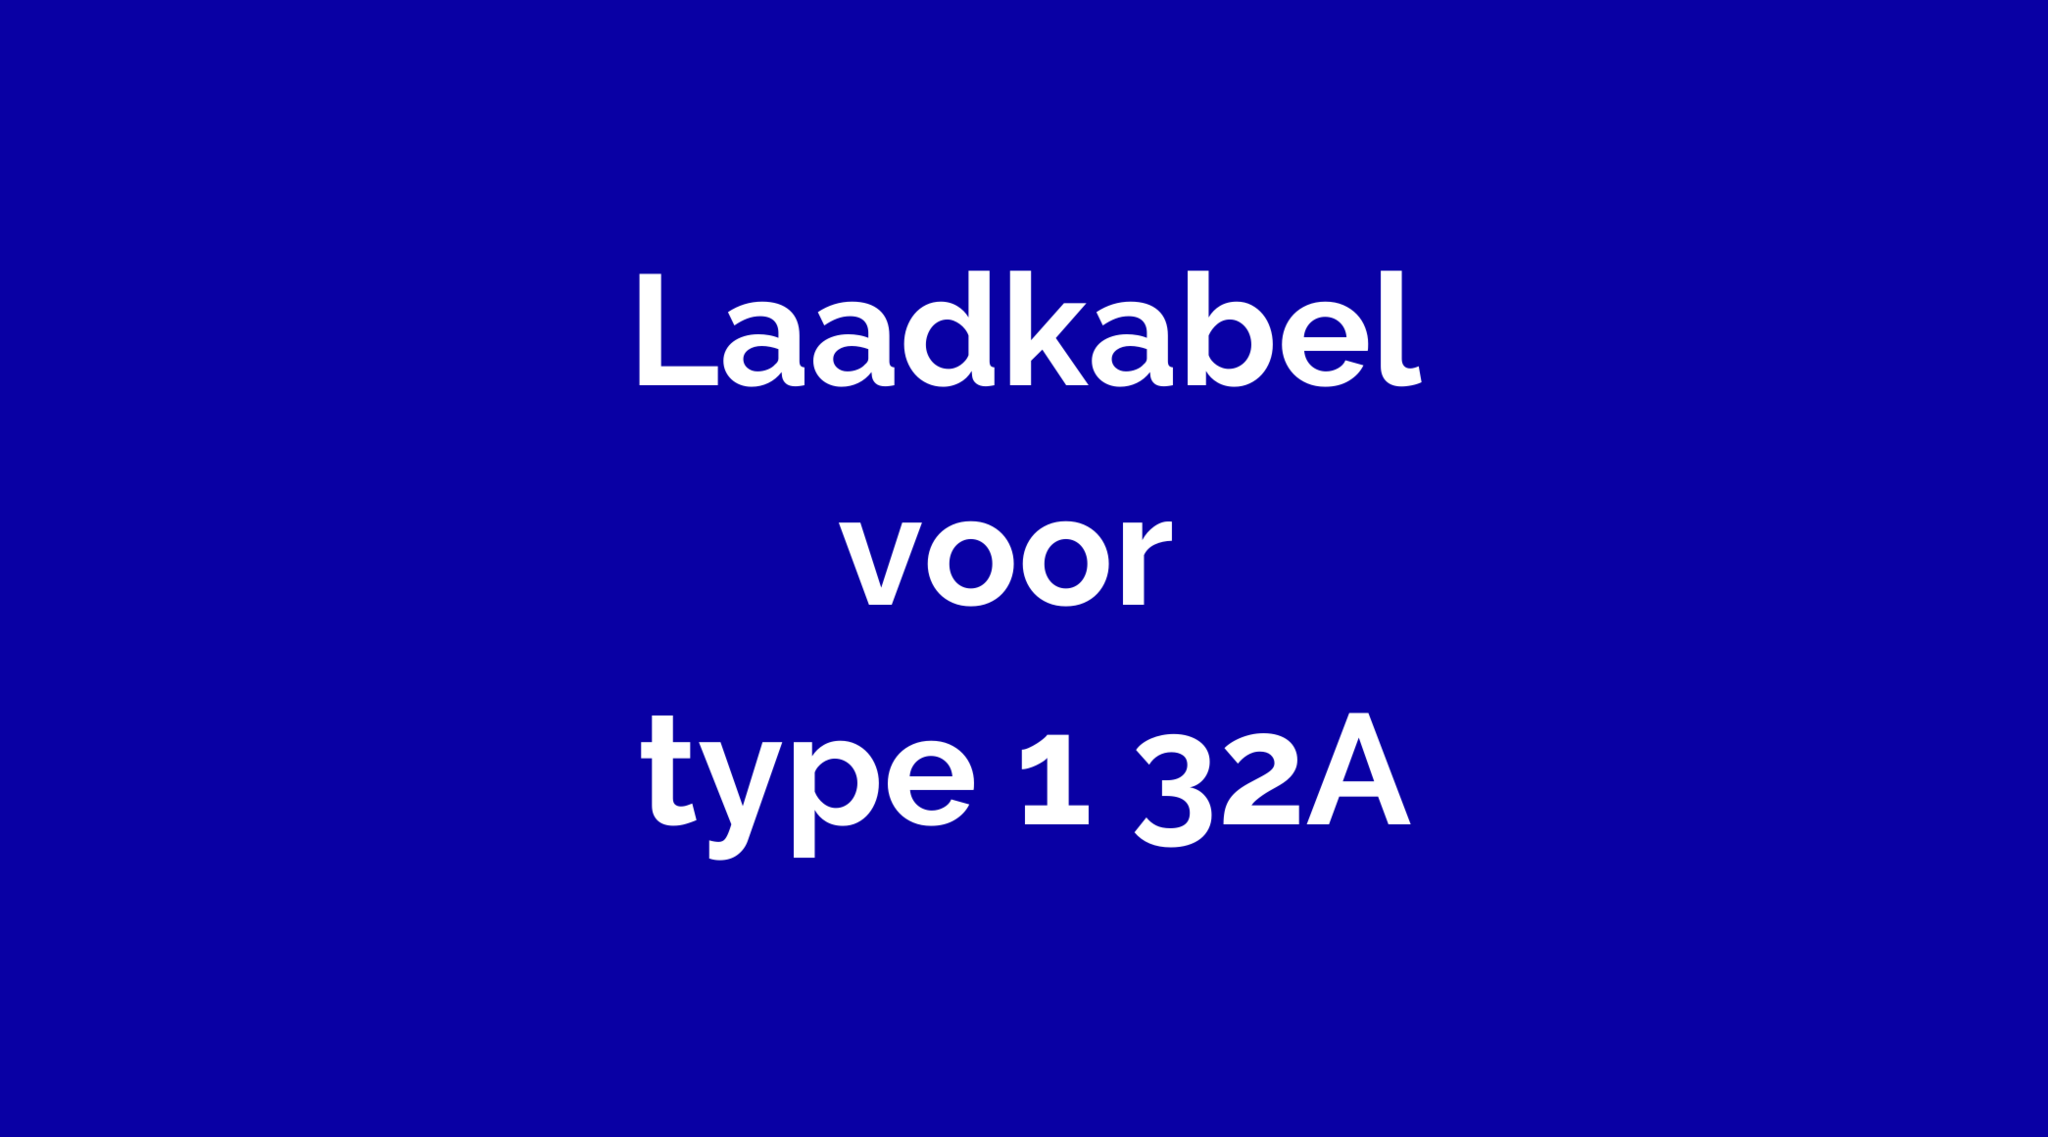 Type 1 1-fase 32A